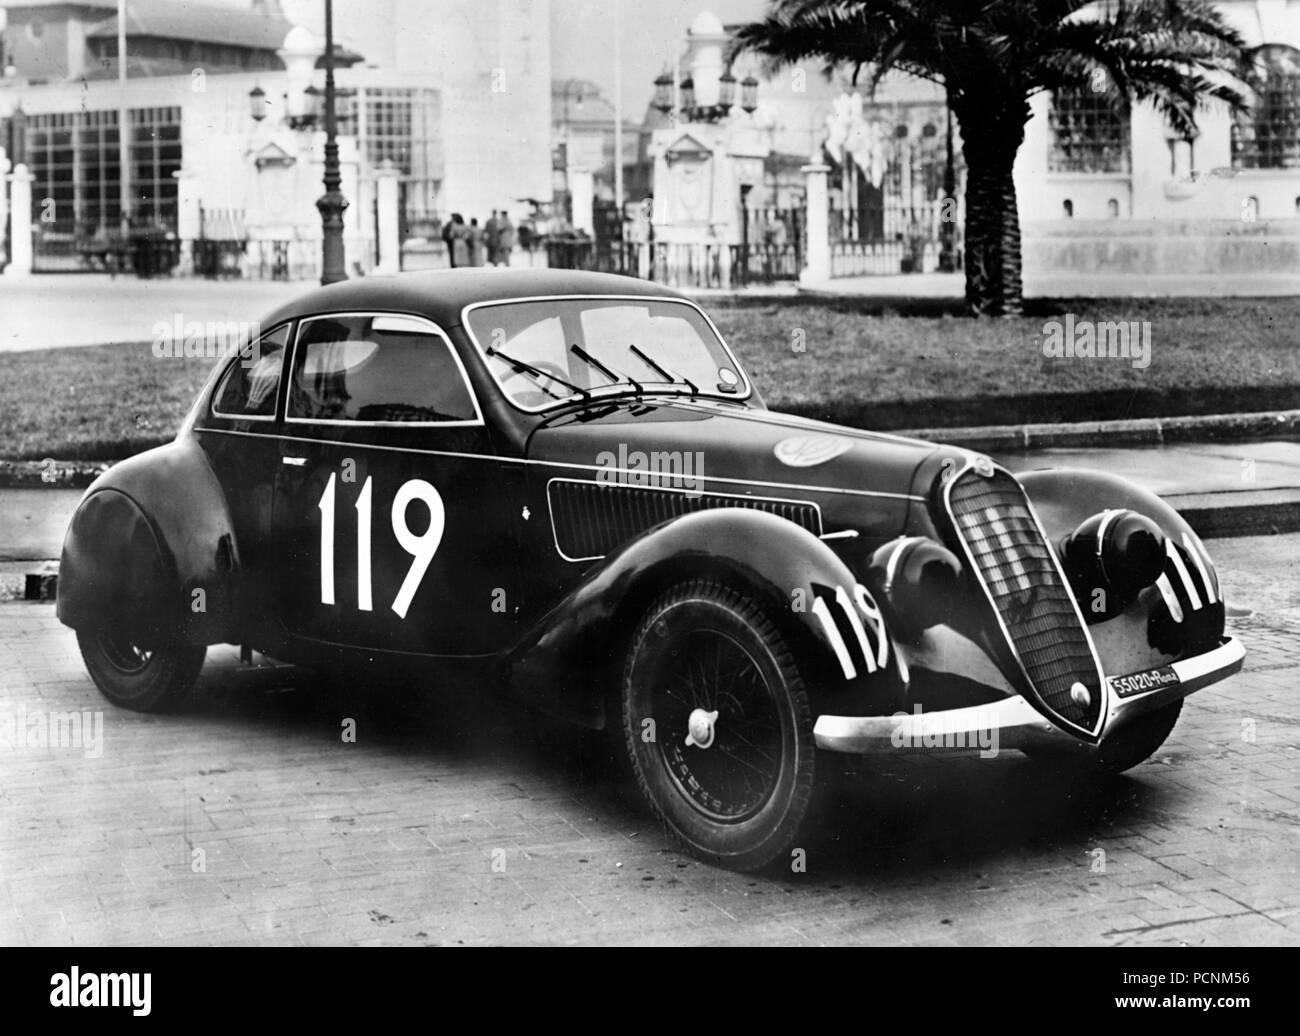 1937 Alfa Romeo 6C2300 Mille Miglia - Stock Image